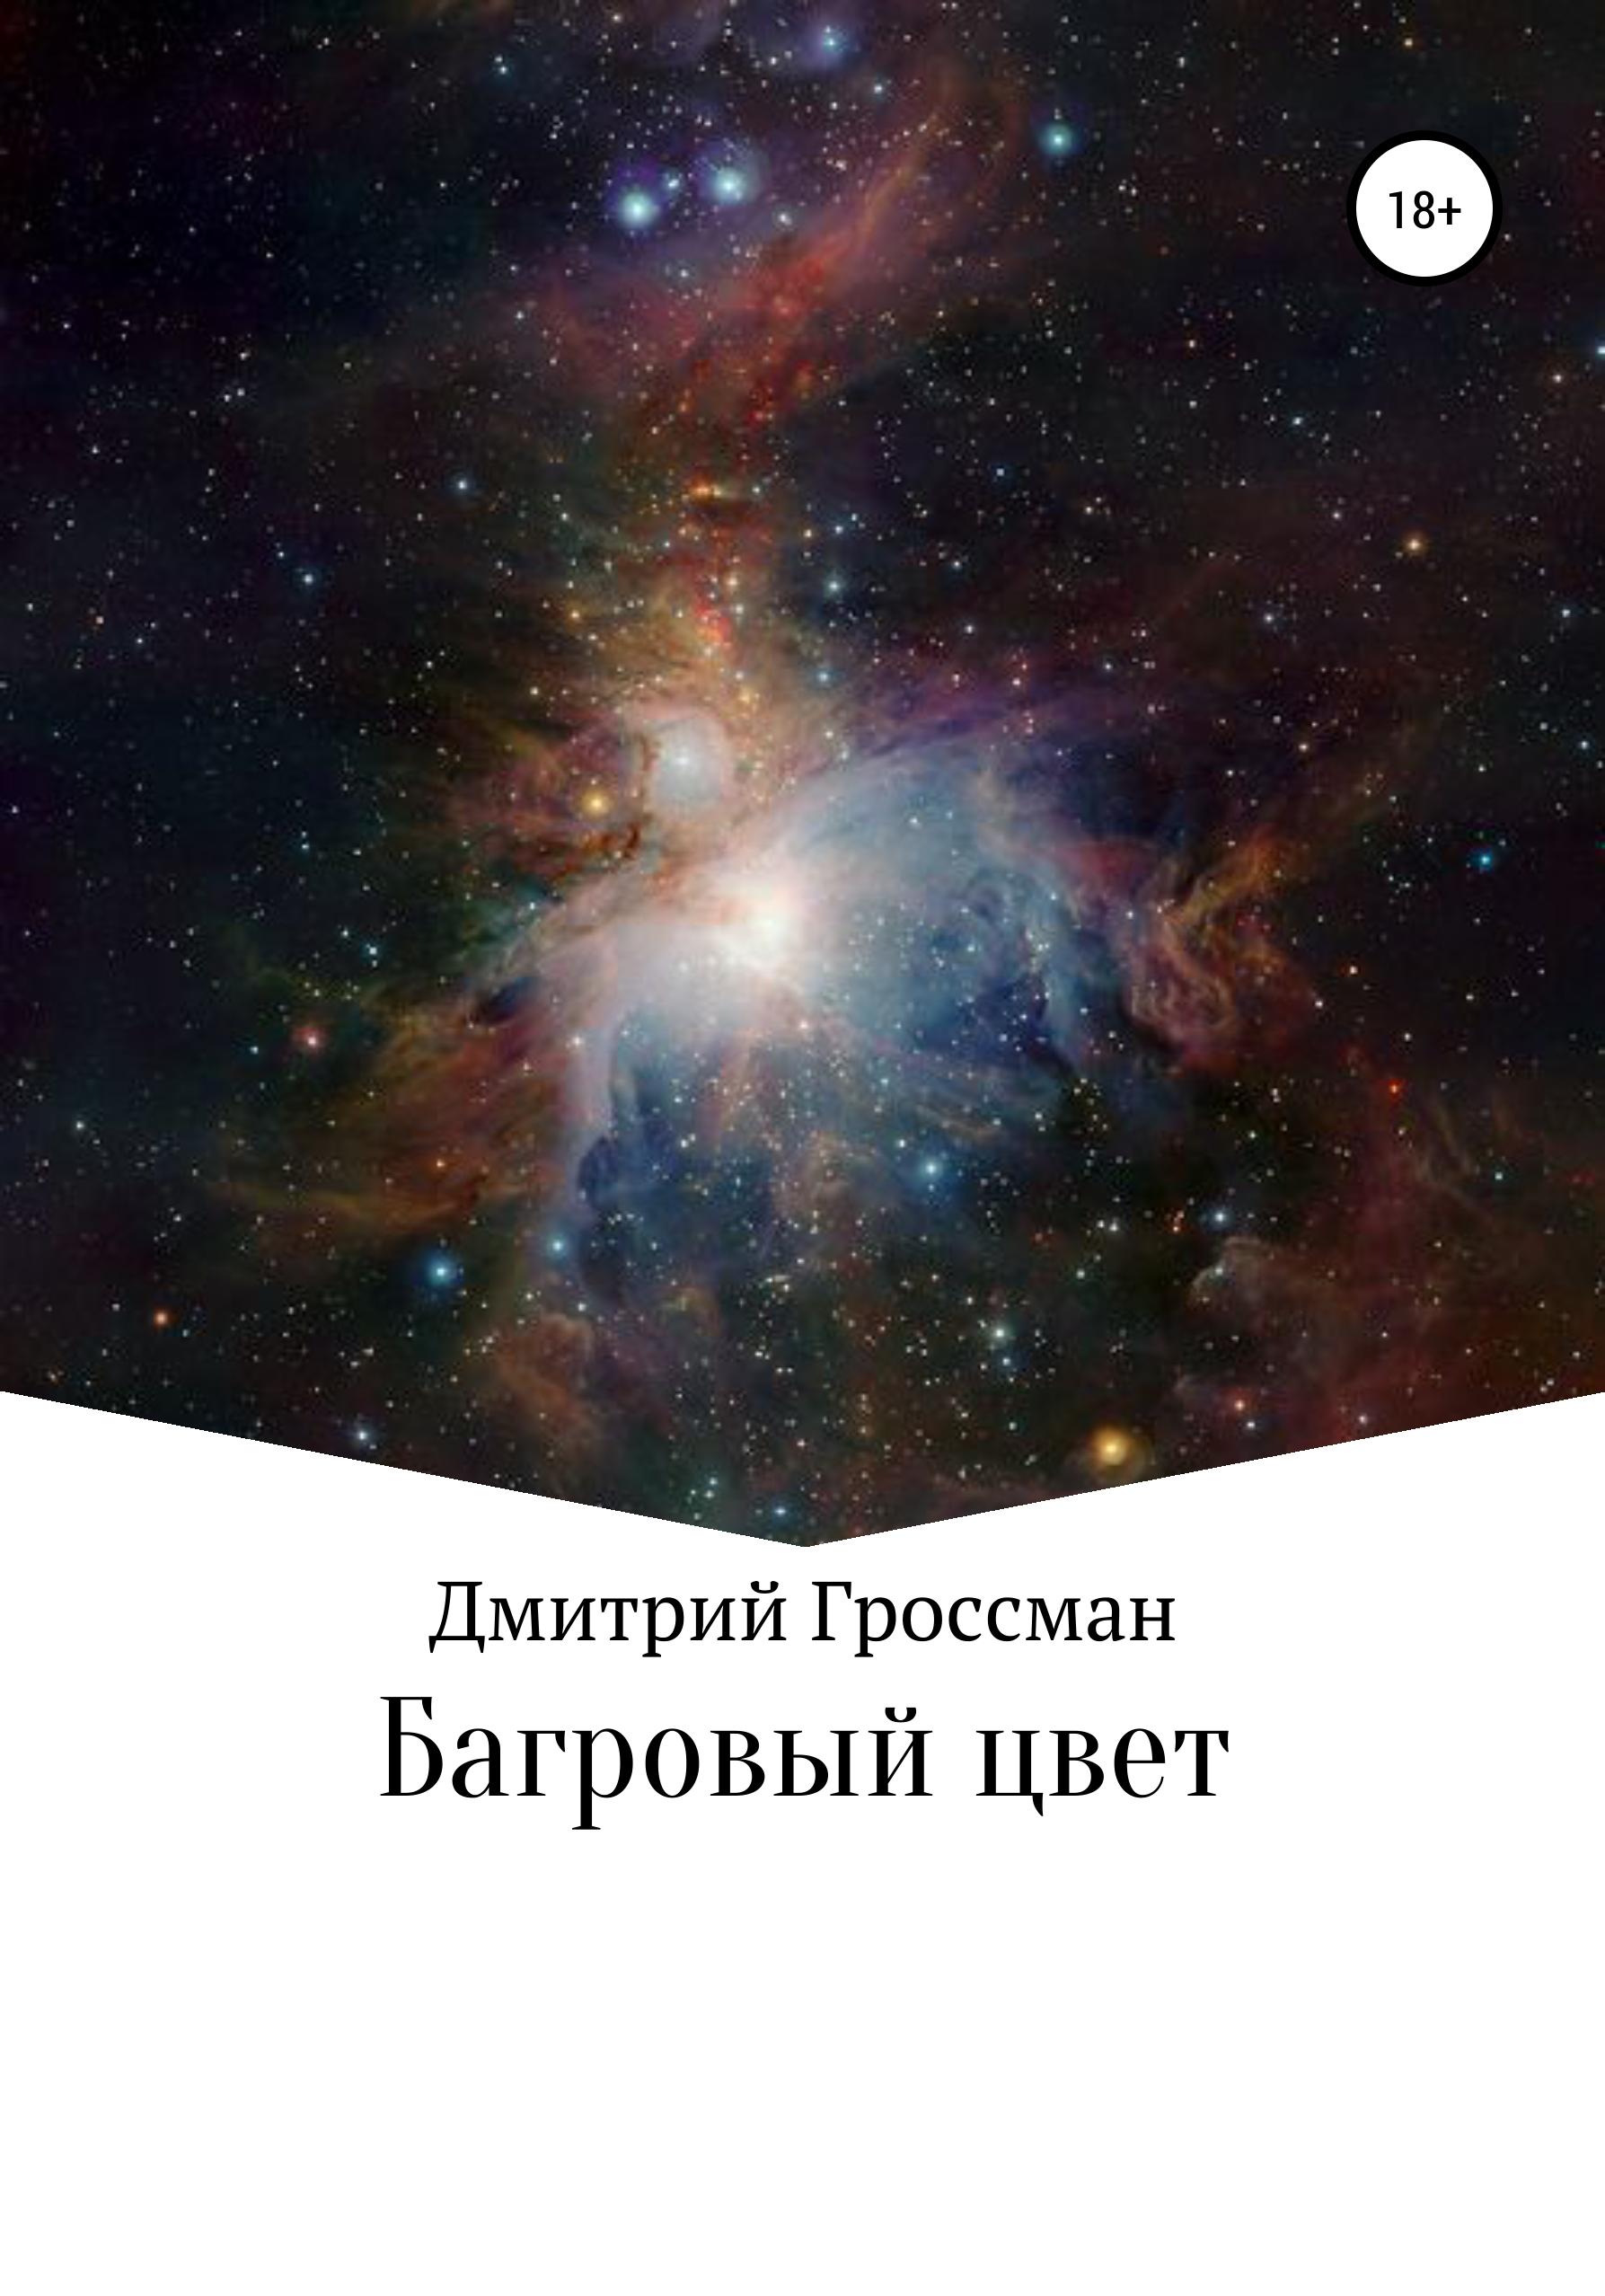 Багровый цвет